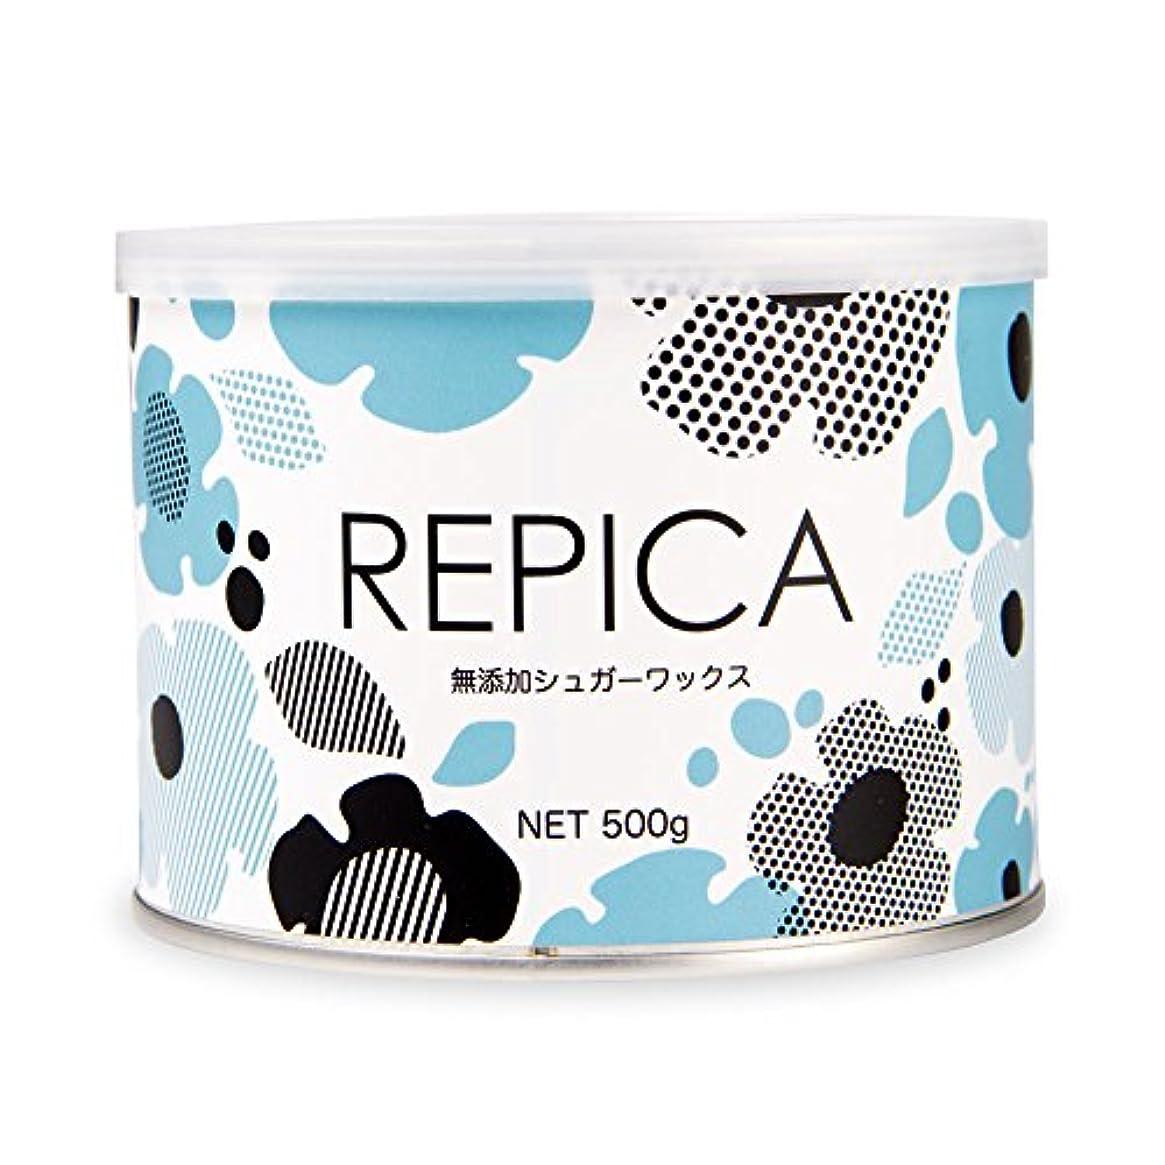 祝う現在化学薬品REPICA 無添加シュガーワックス 400ml ブラジリアンワックス脱毛 1個